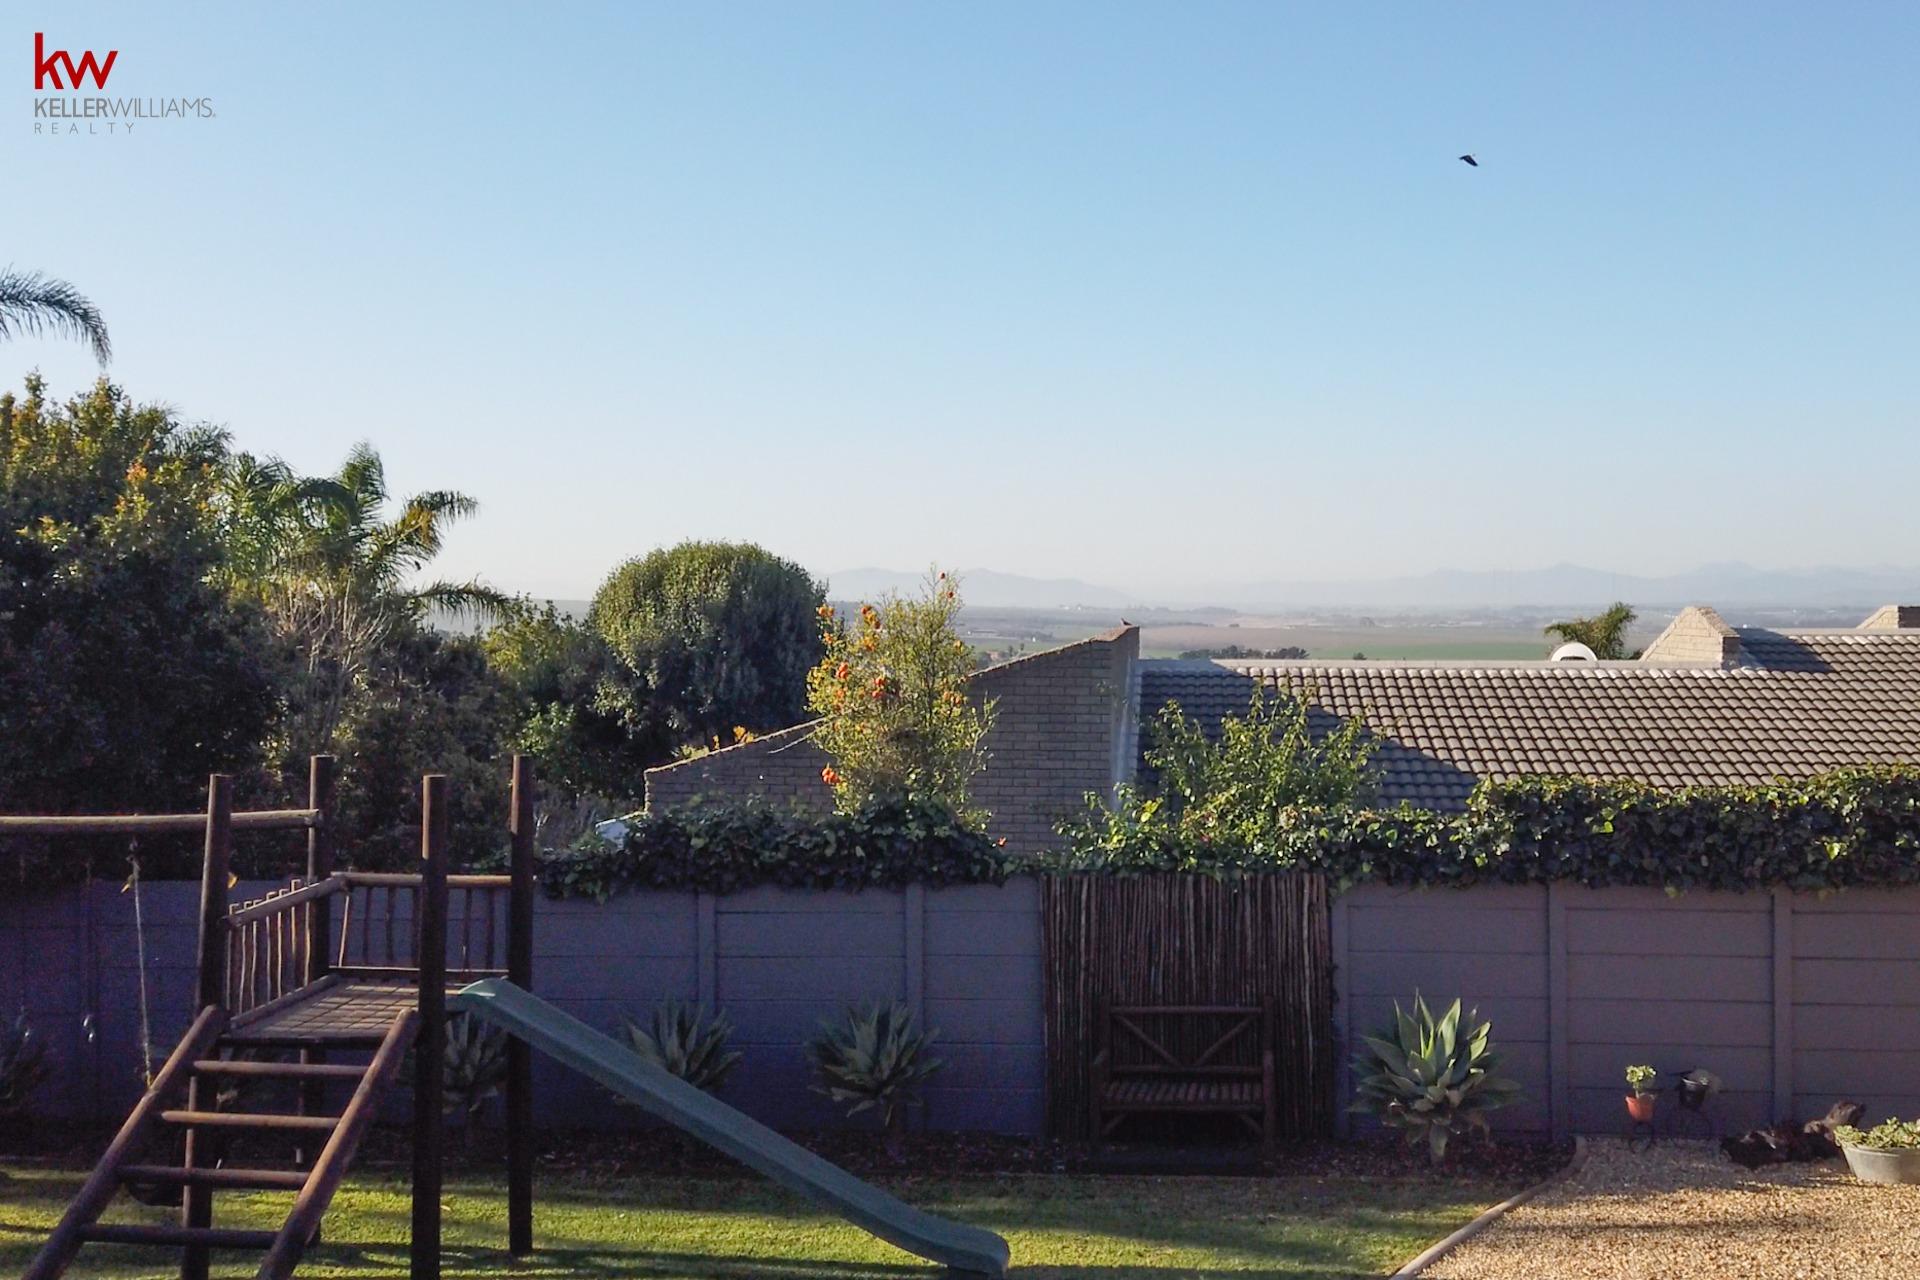 Vierlanden Durbanville-21.jpeg